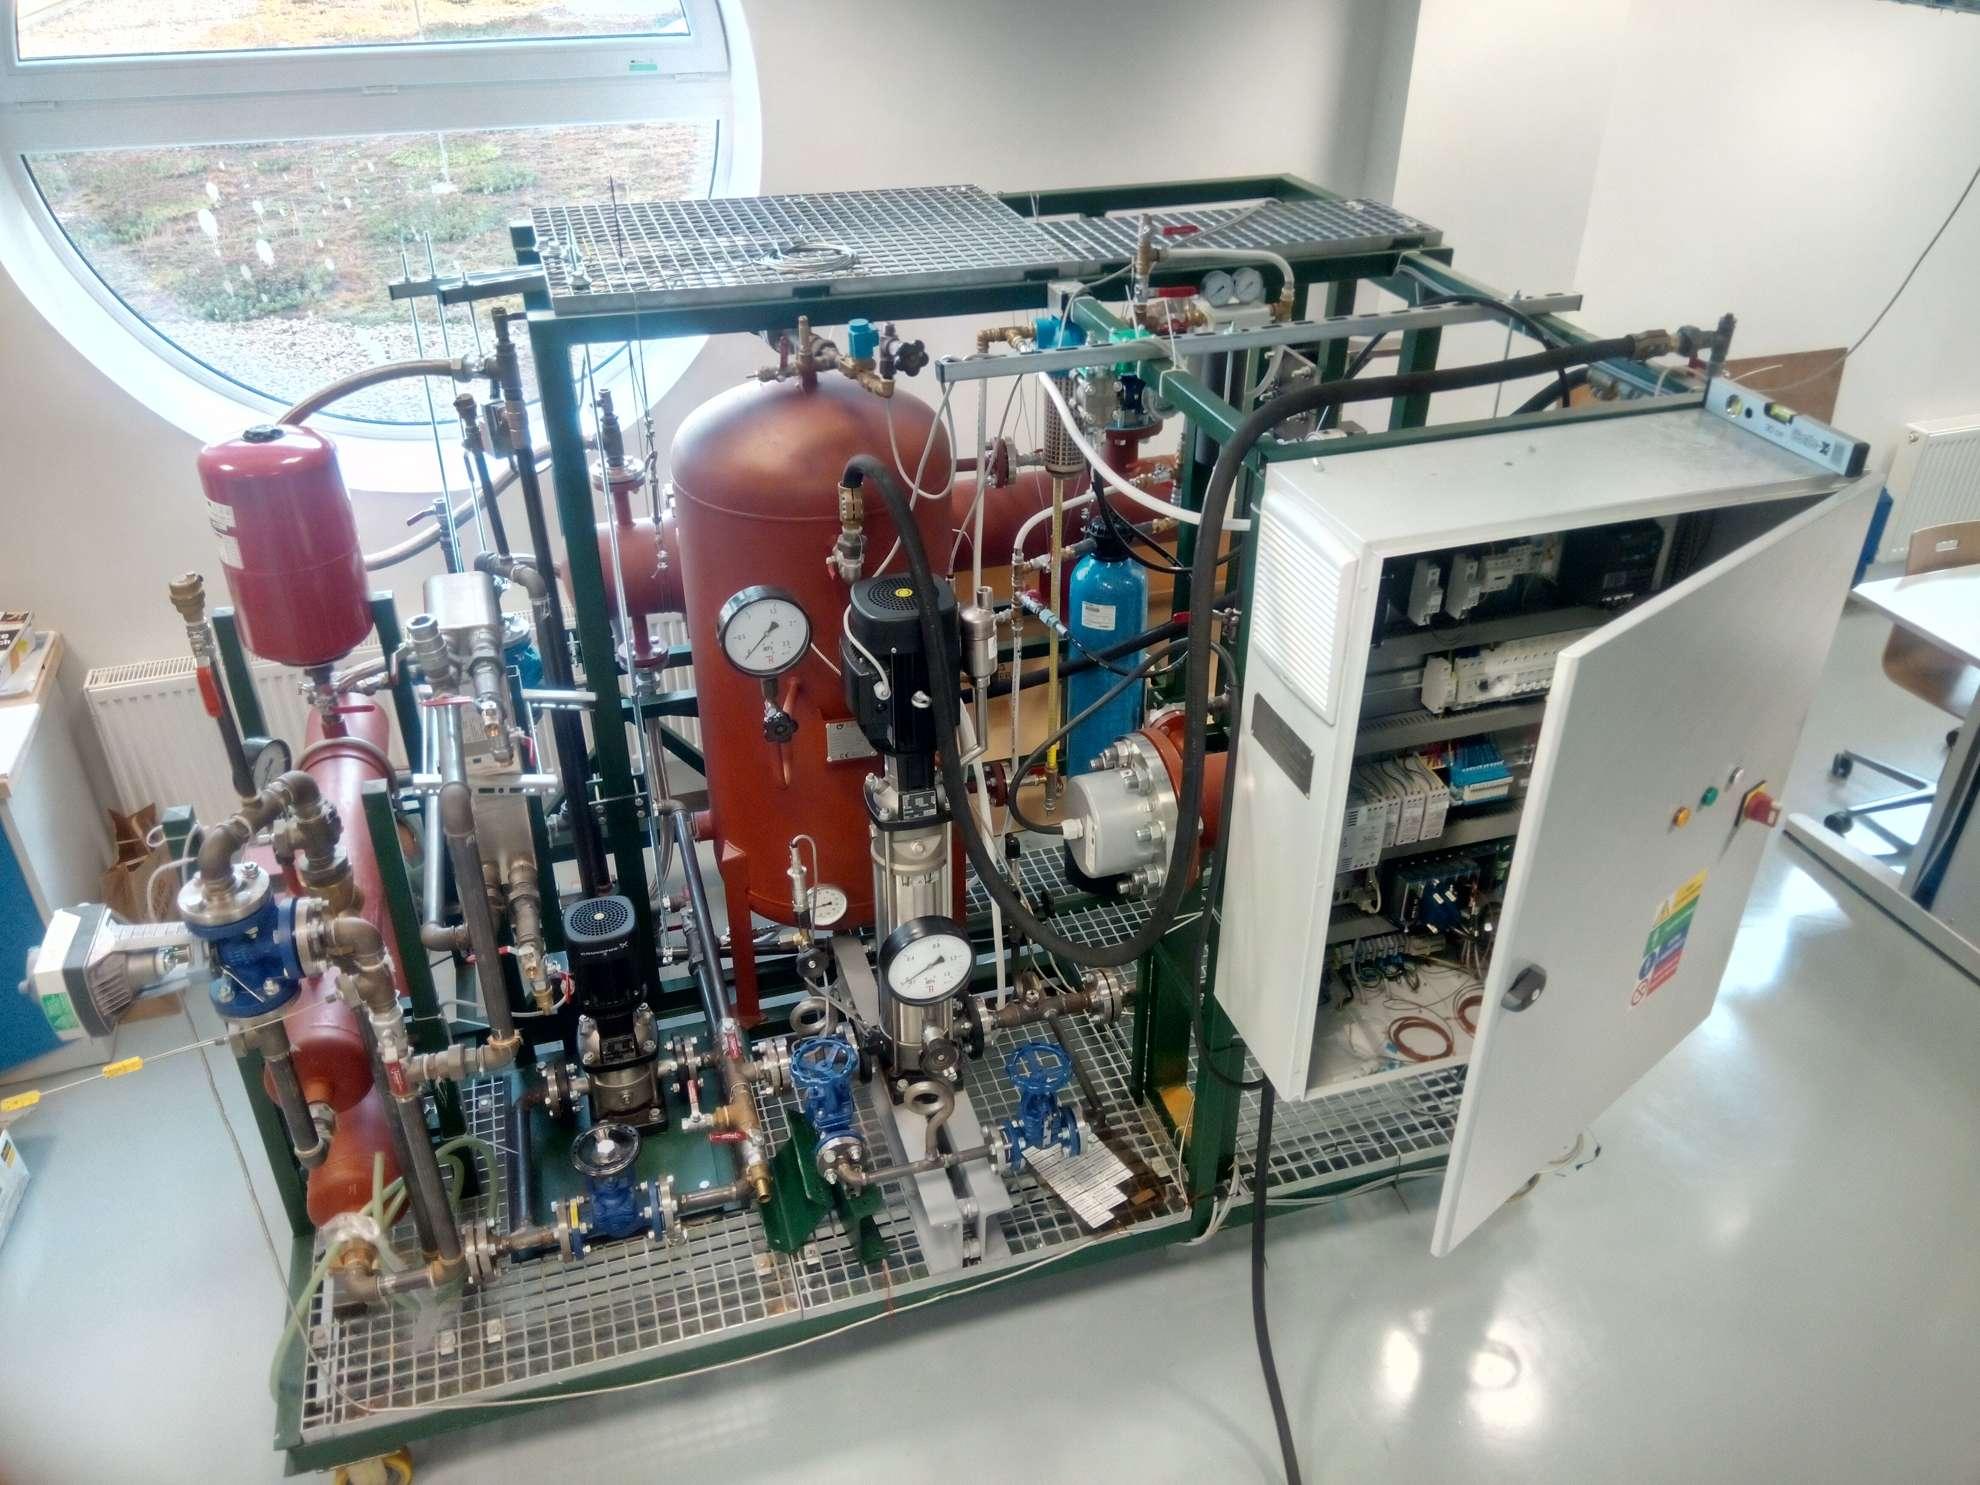 Pracovní skupina KALUP - Zařízení M.R.C.H.A. - Mobile Research Critical Heat flux Aparatus pro měření parametrů pokrytí jaderného paliva v blízkosti krize přestupu tepla